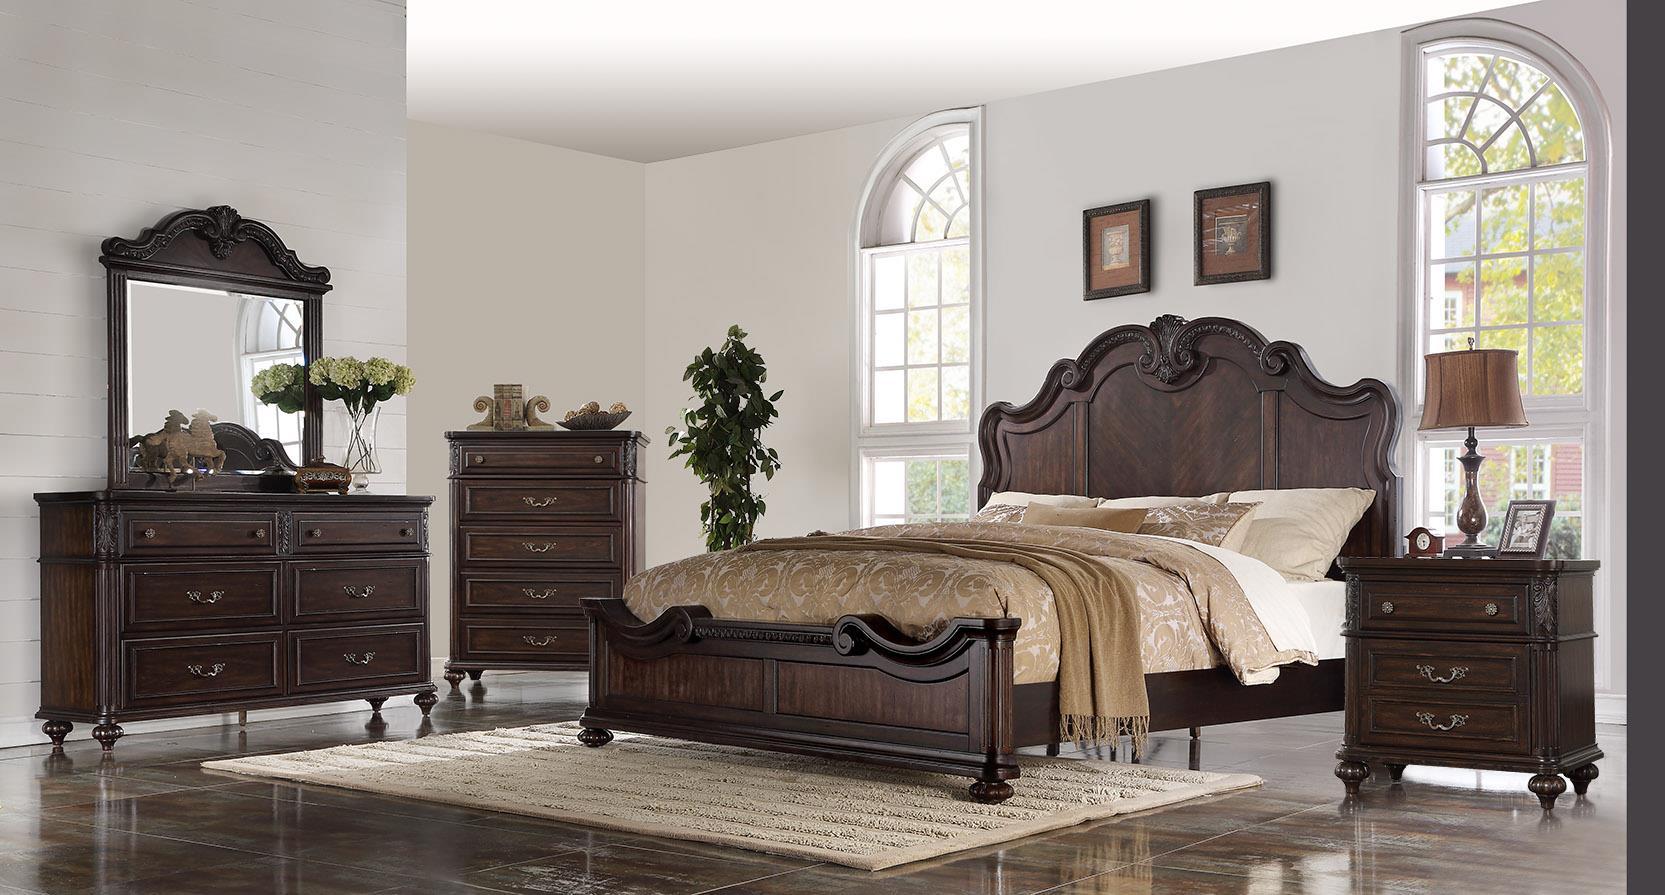 1610 Nottingham Queen 5 Piece Bedroom Set  $1559